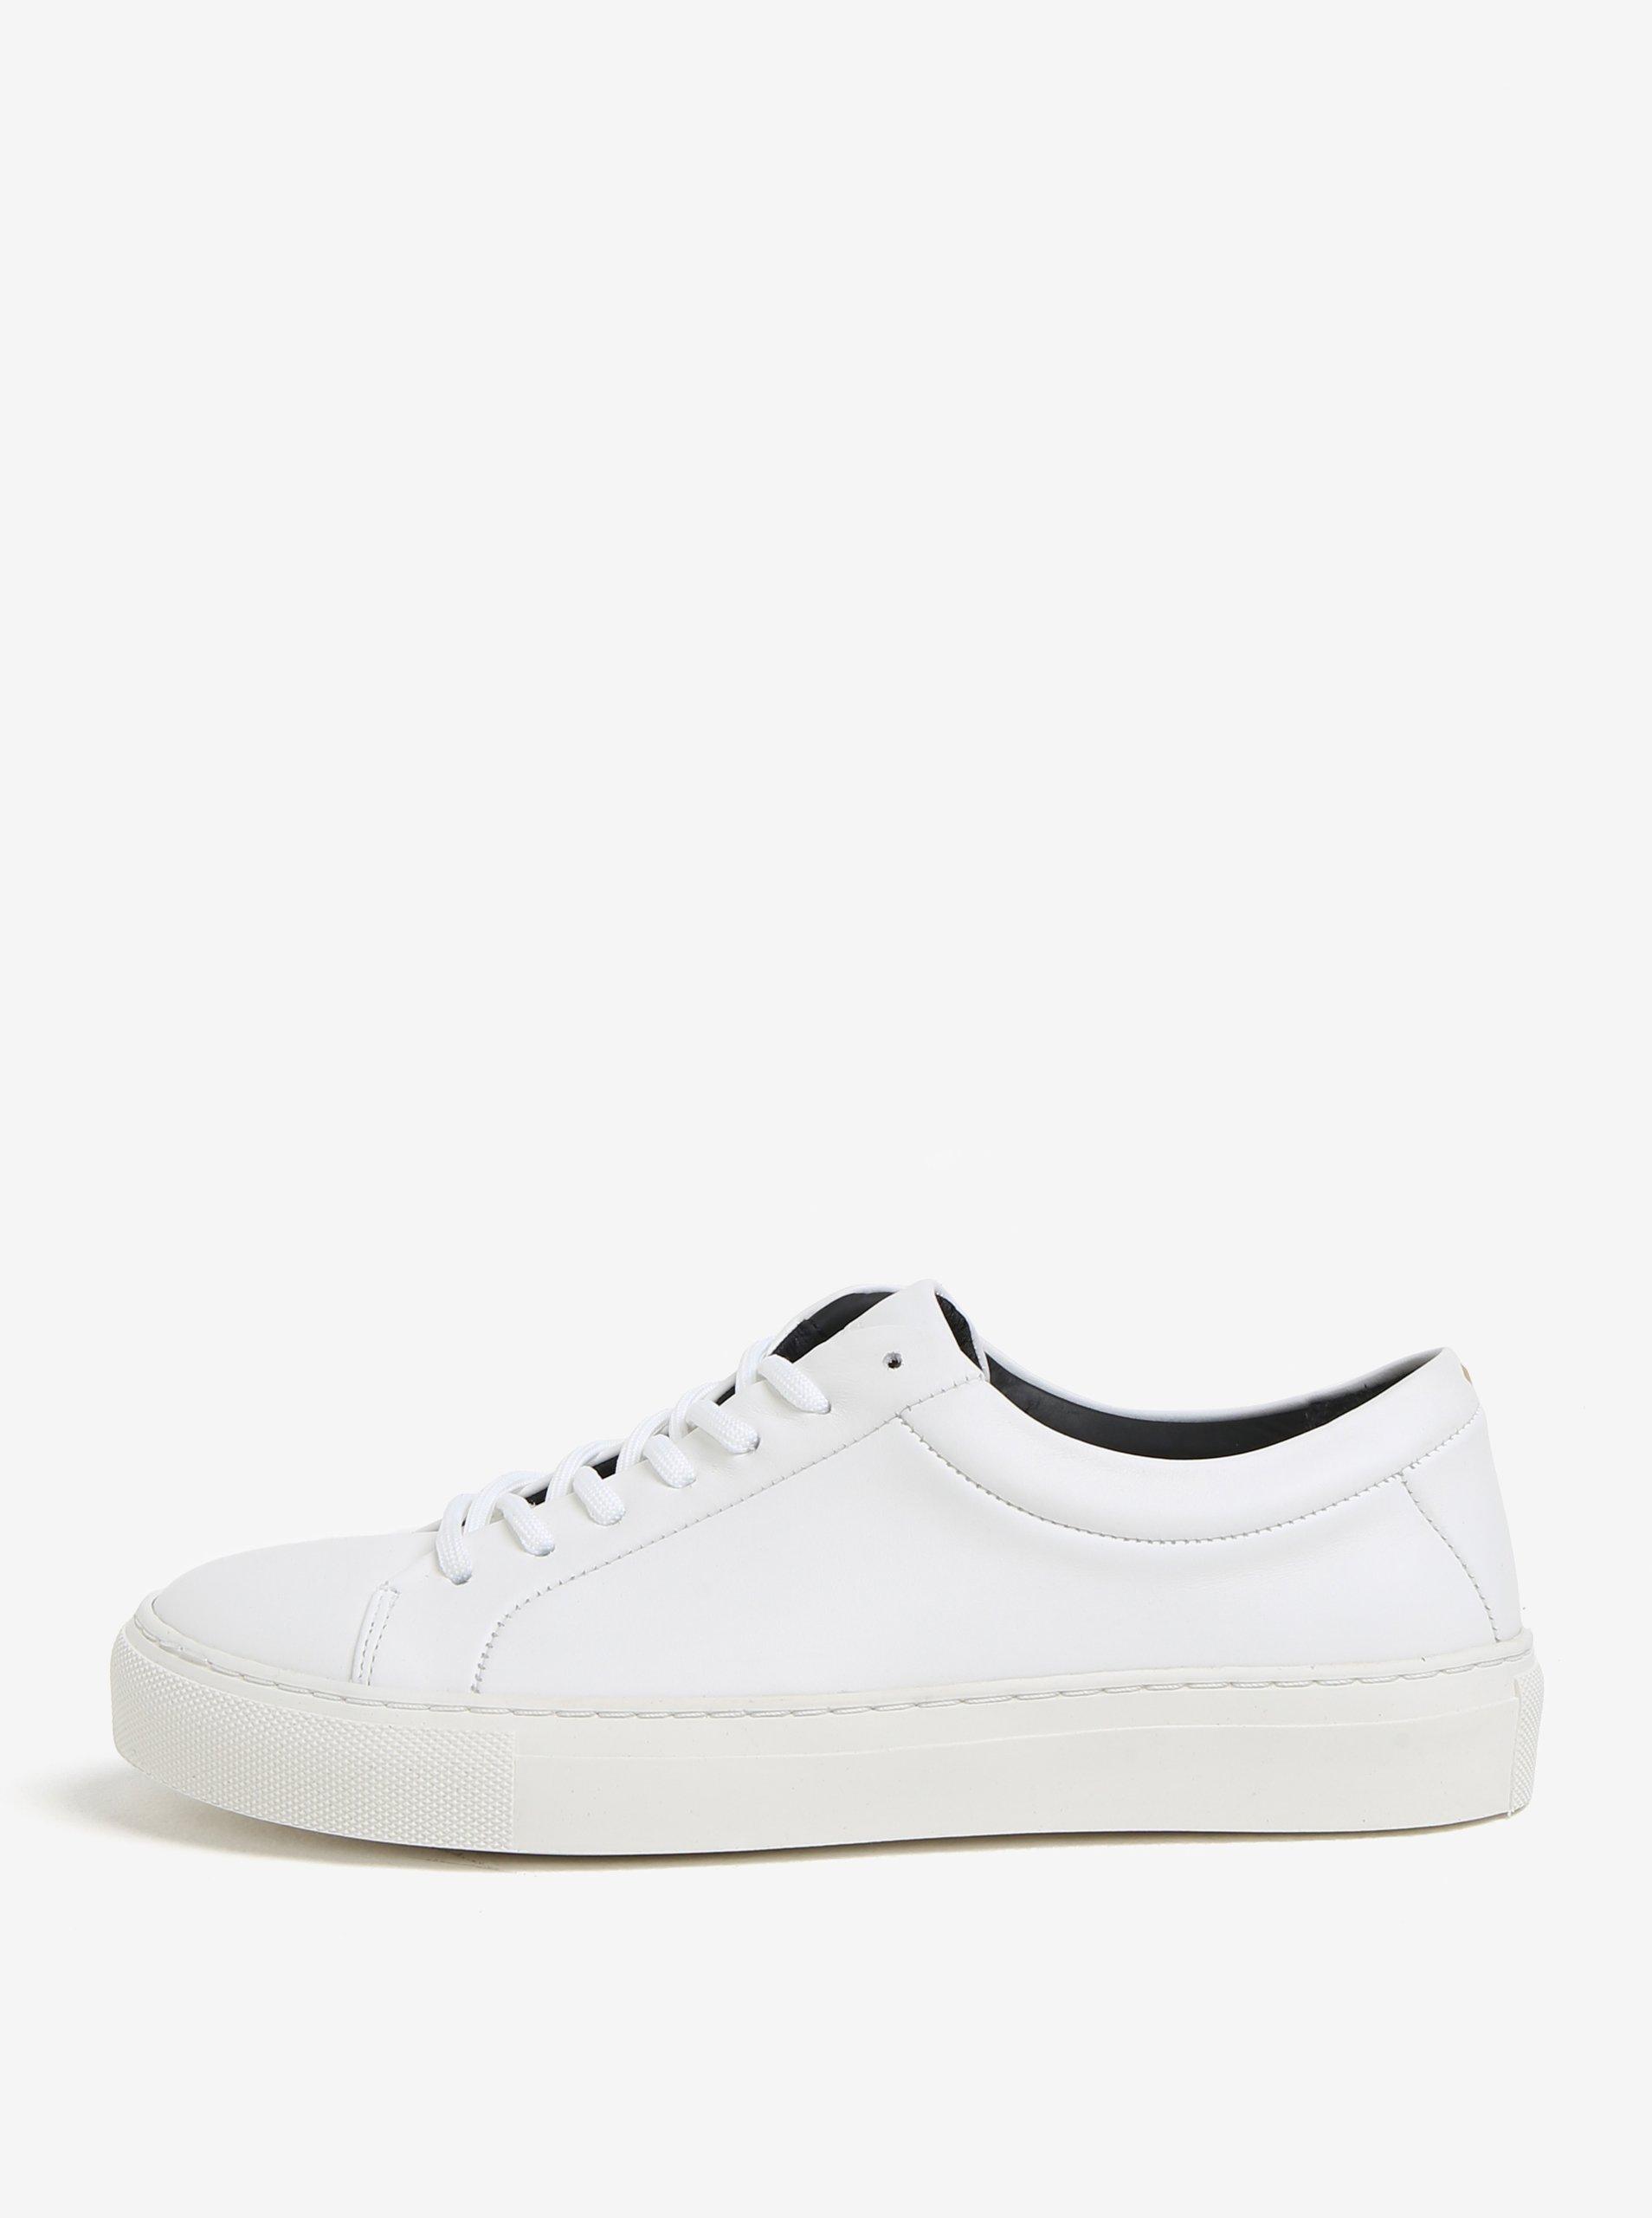 739e9e0196 Biele dámske kožené tenisky Royal RepubliQ